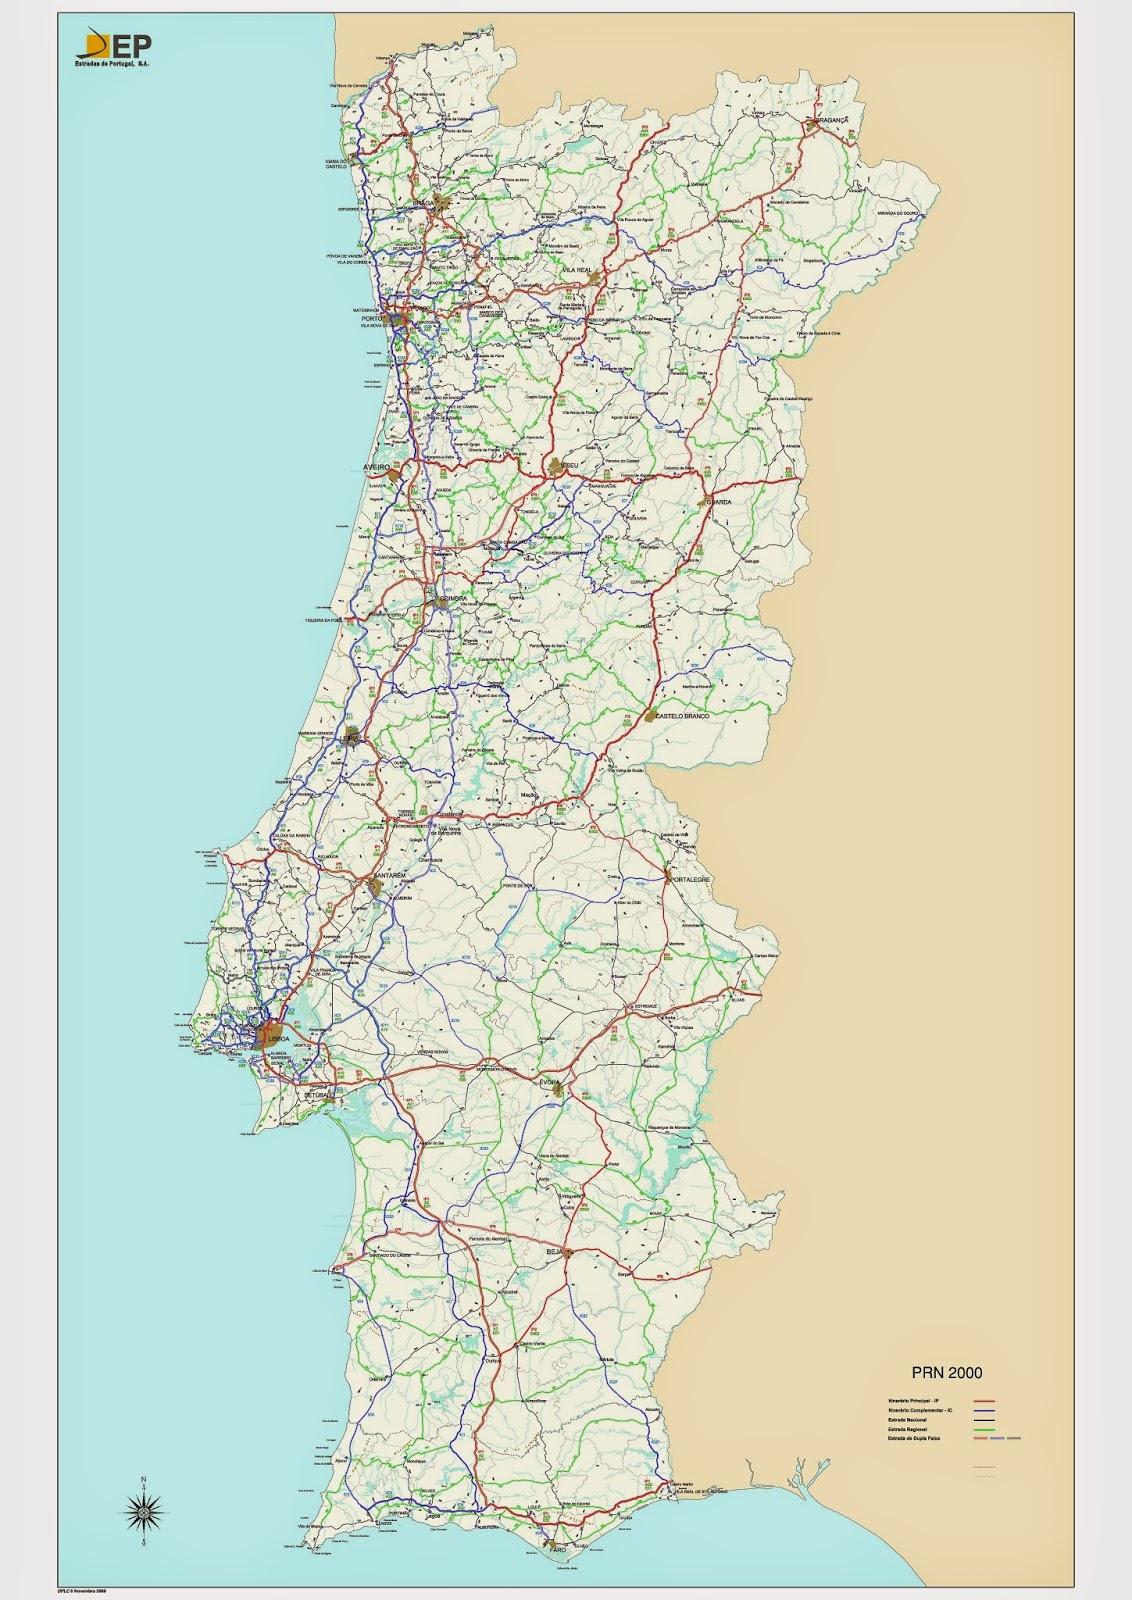 mapa de portugal 2015 Estradas de Portugal [2015]   SkyscraperCity mapa de portugal 2015